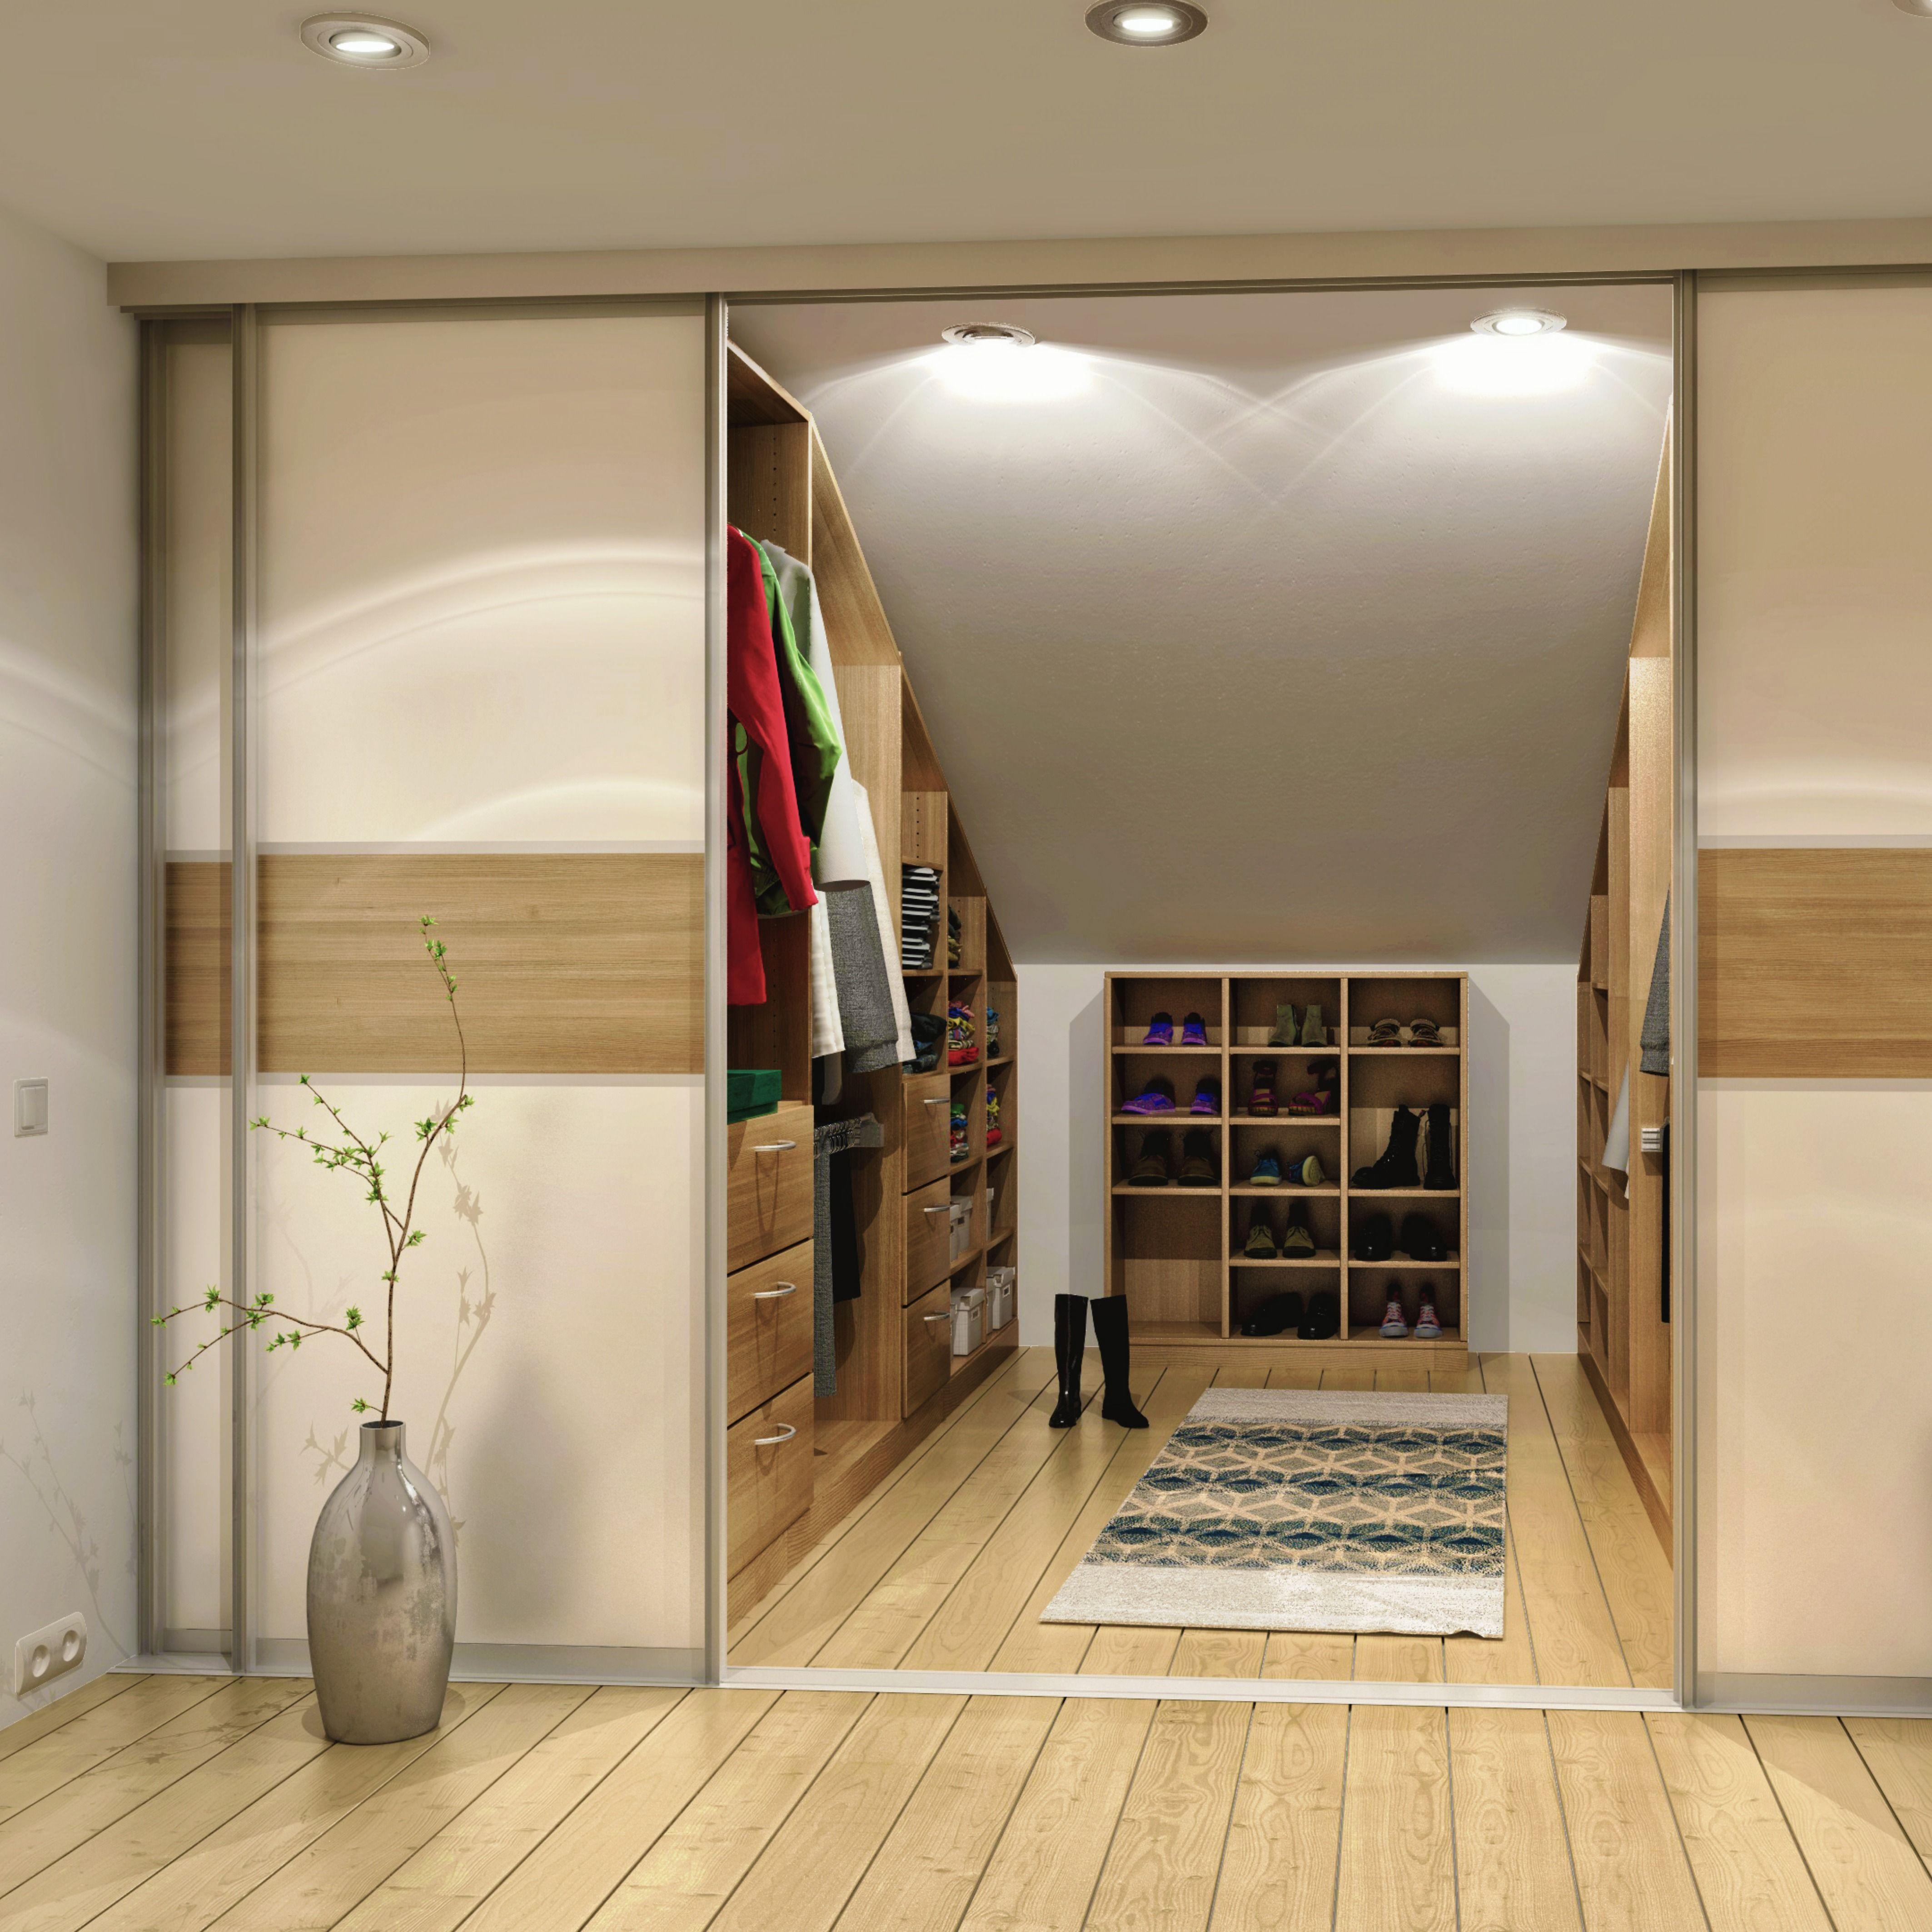 Pin Von Justicia Ben Auf Home Dachschrage Einrichten Ankleide Zimmer Ankleide